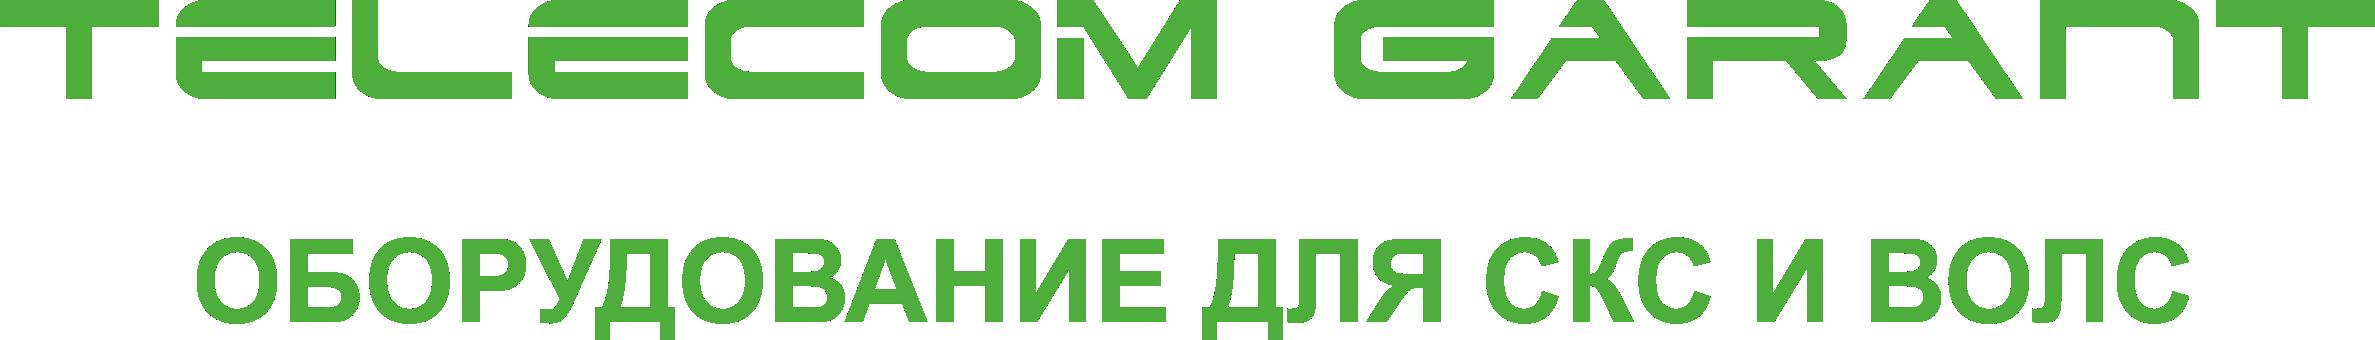 Telecom Garant - Оборудование для СКС и ВОЛС